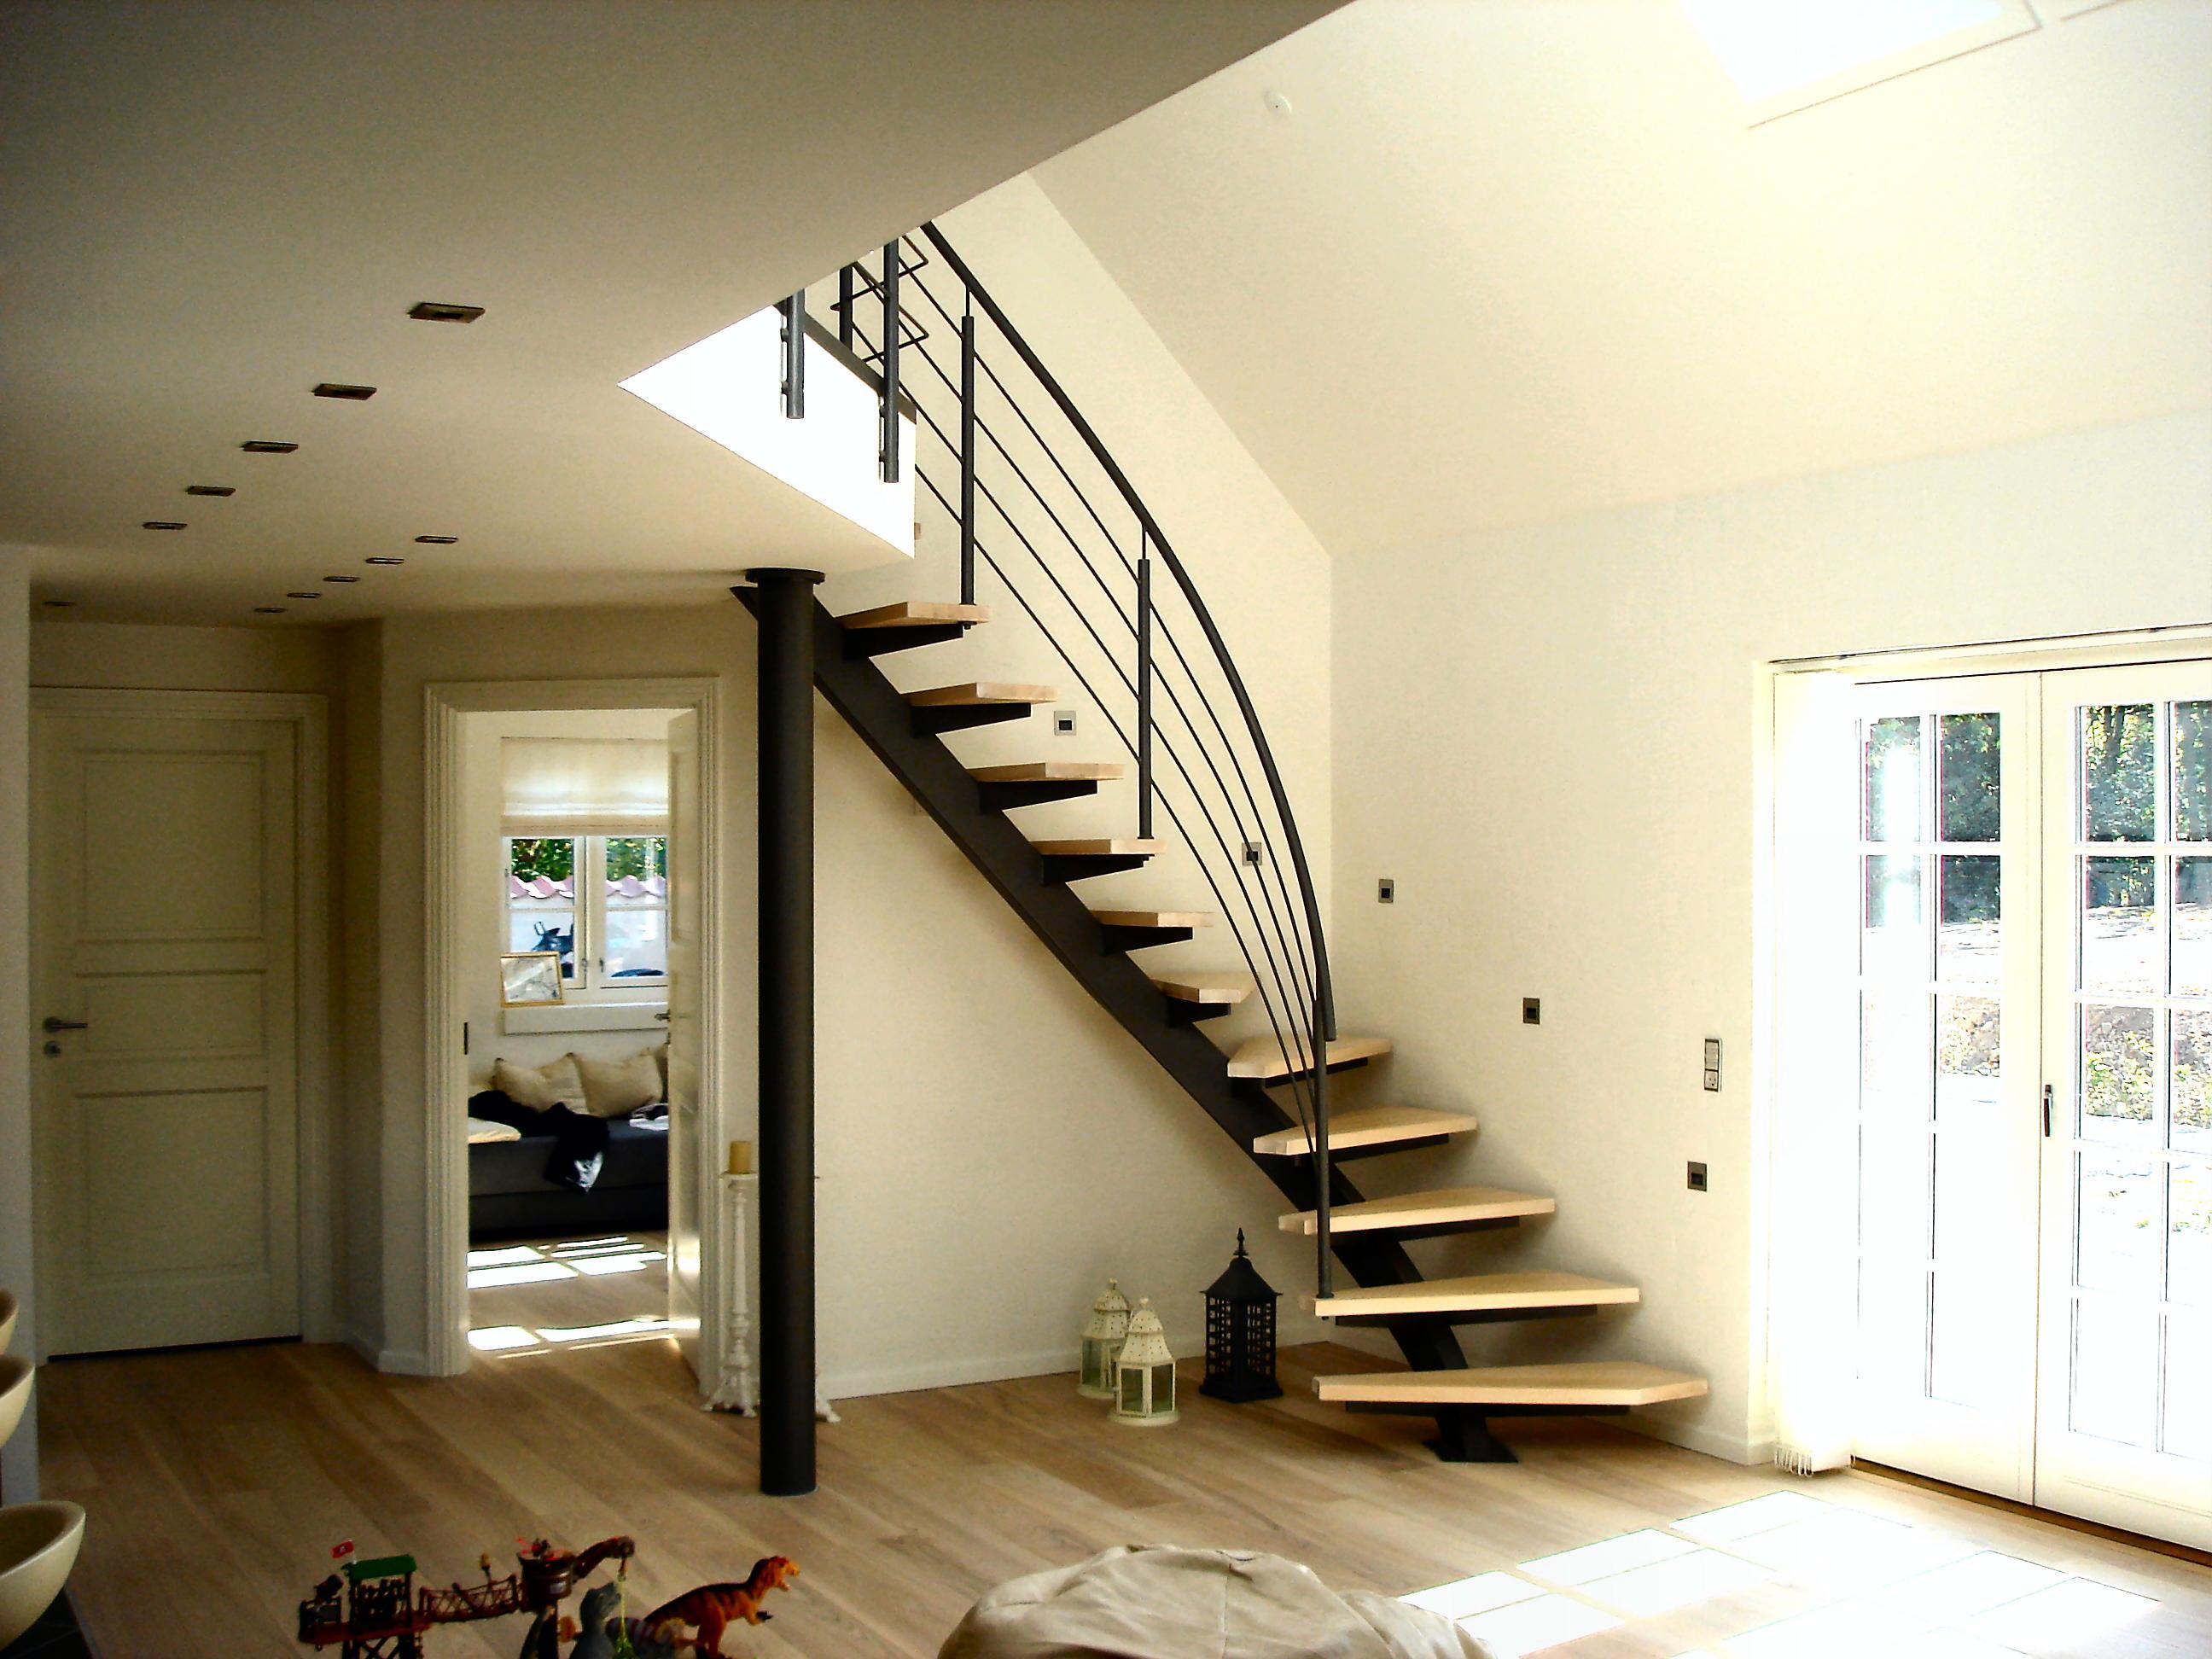 TRAPPE:Opsadlet center ståltrappe, venstre-sving med fyrplank træ ...